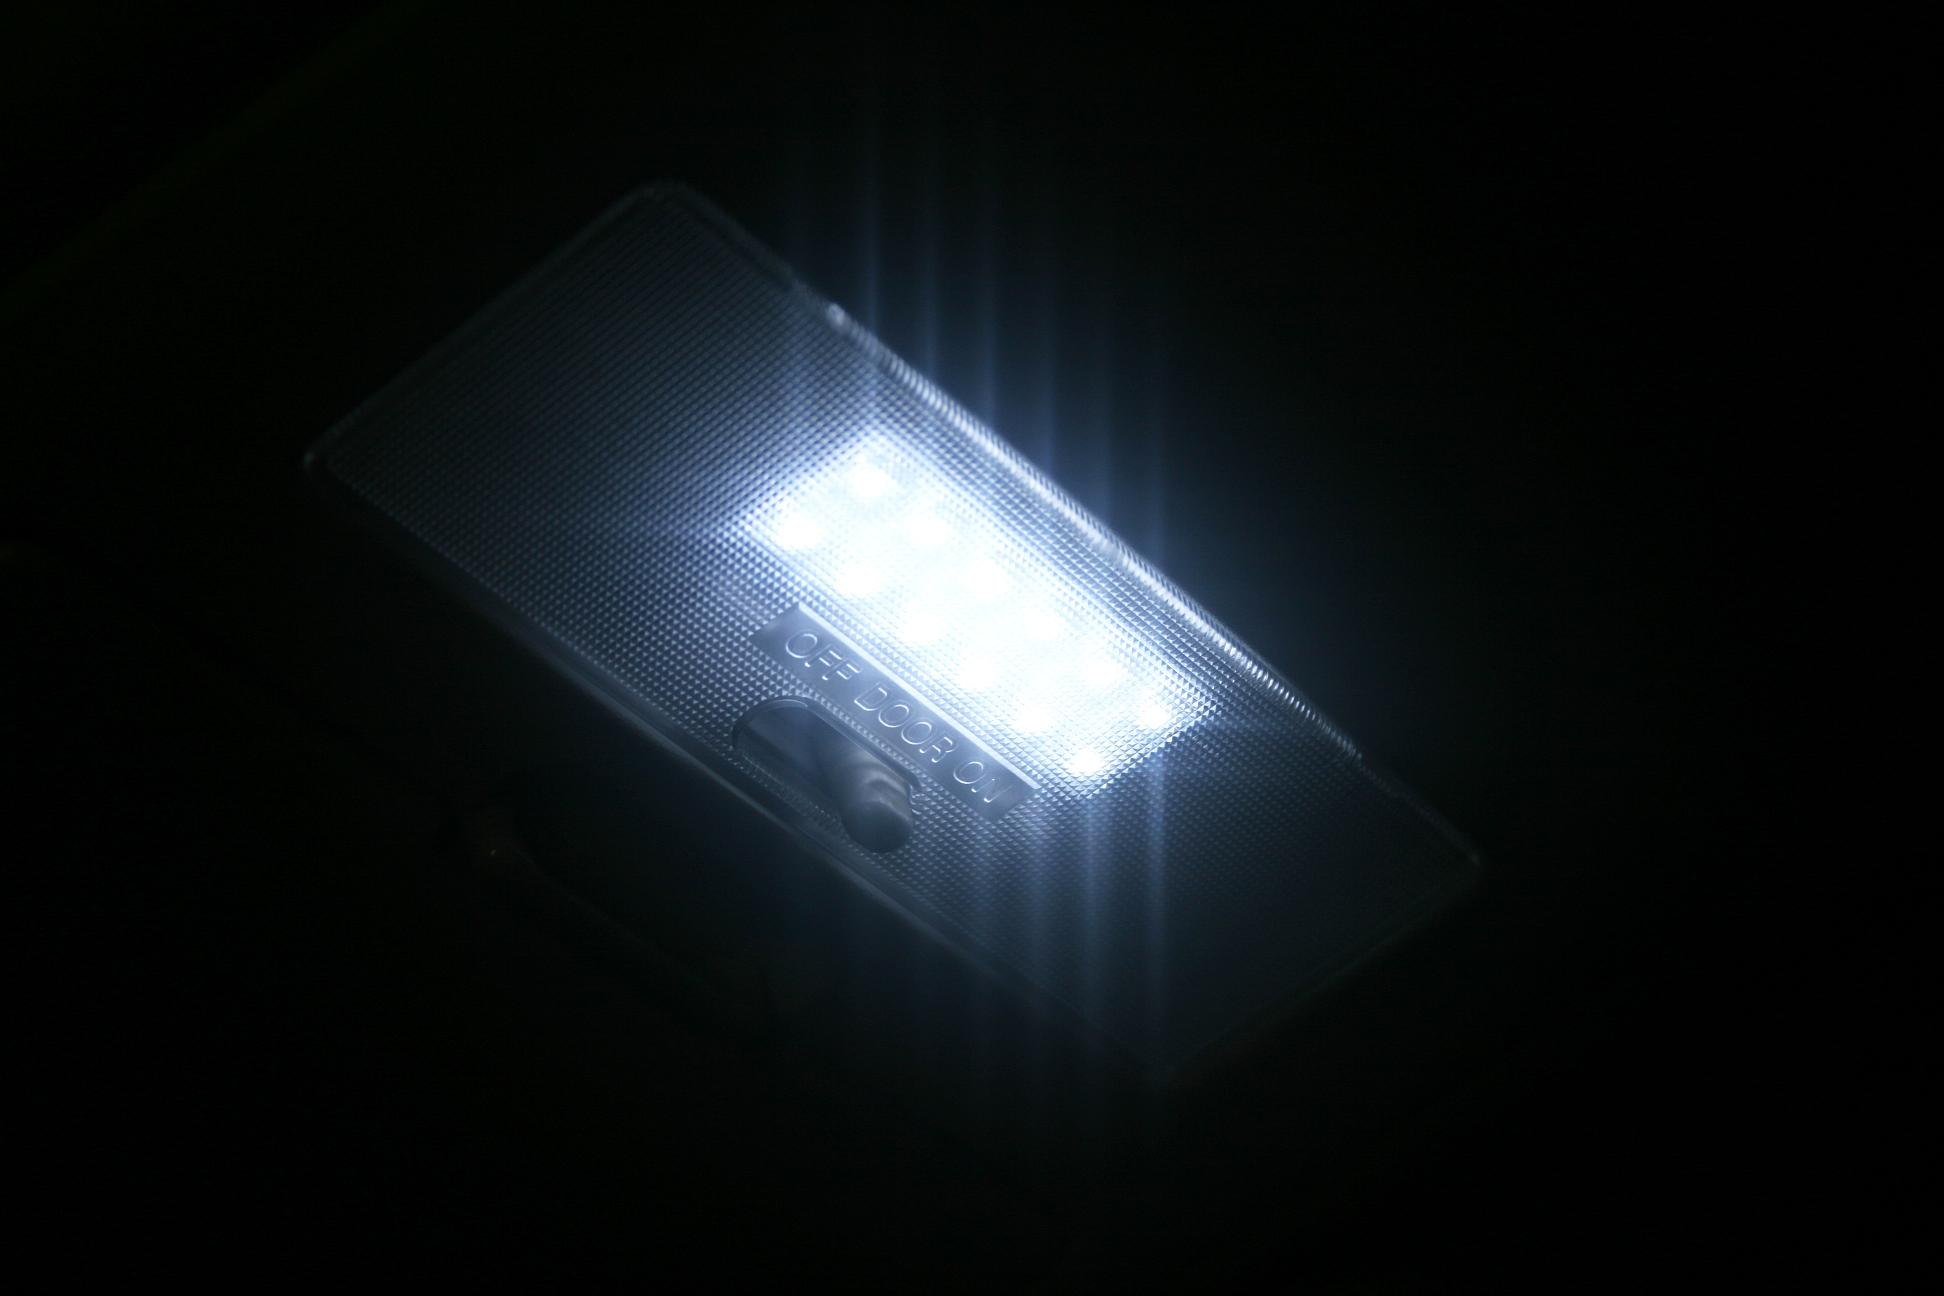 【TOYOTA】【ランドクルーザープラド】 KDJ120,KDJ121,KDJ125 LEDルームランプ(白色) 68発【メール便可】